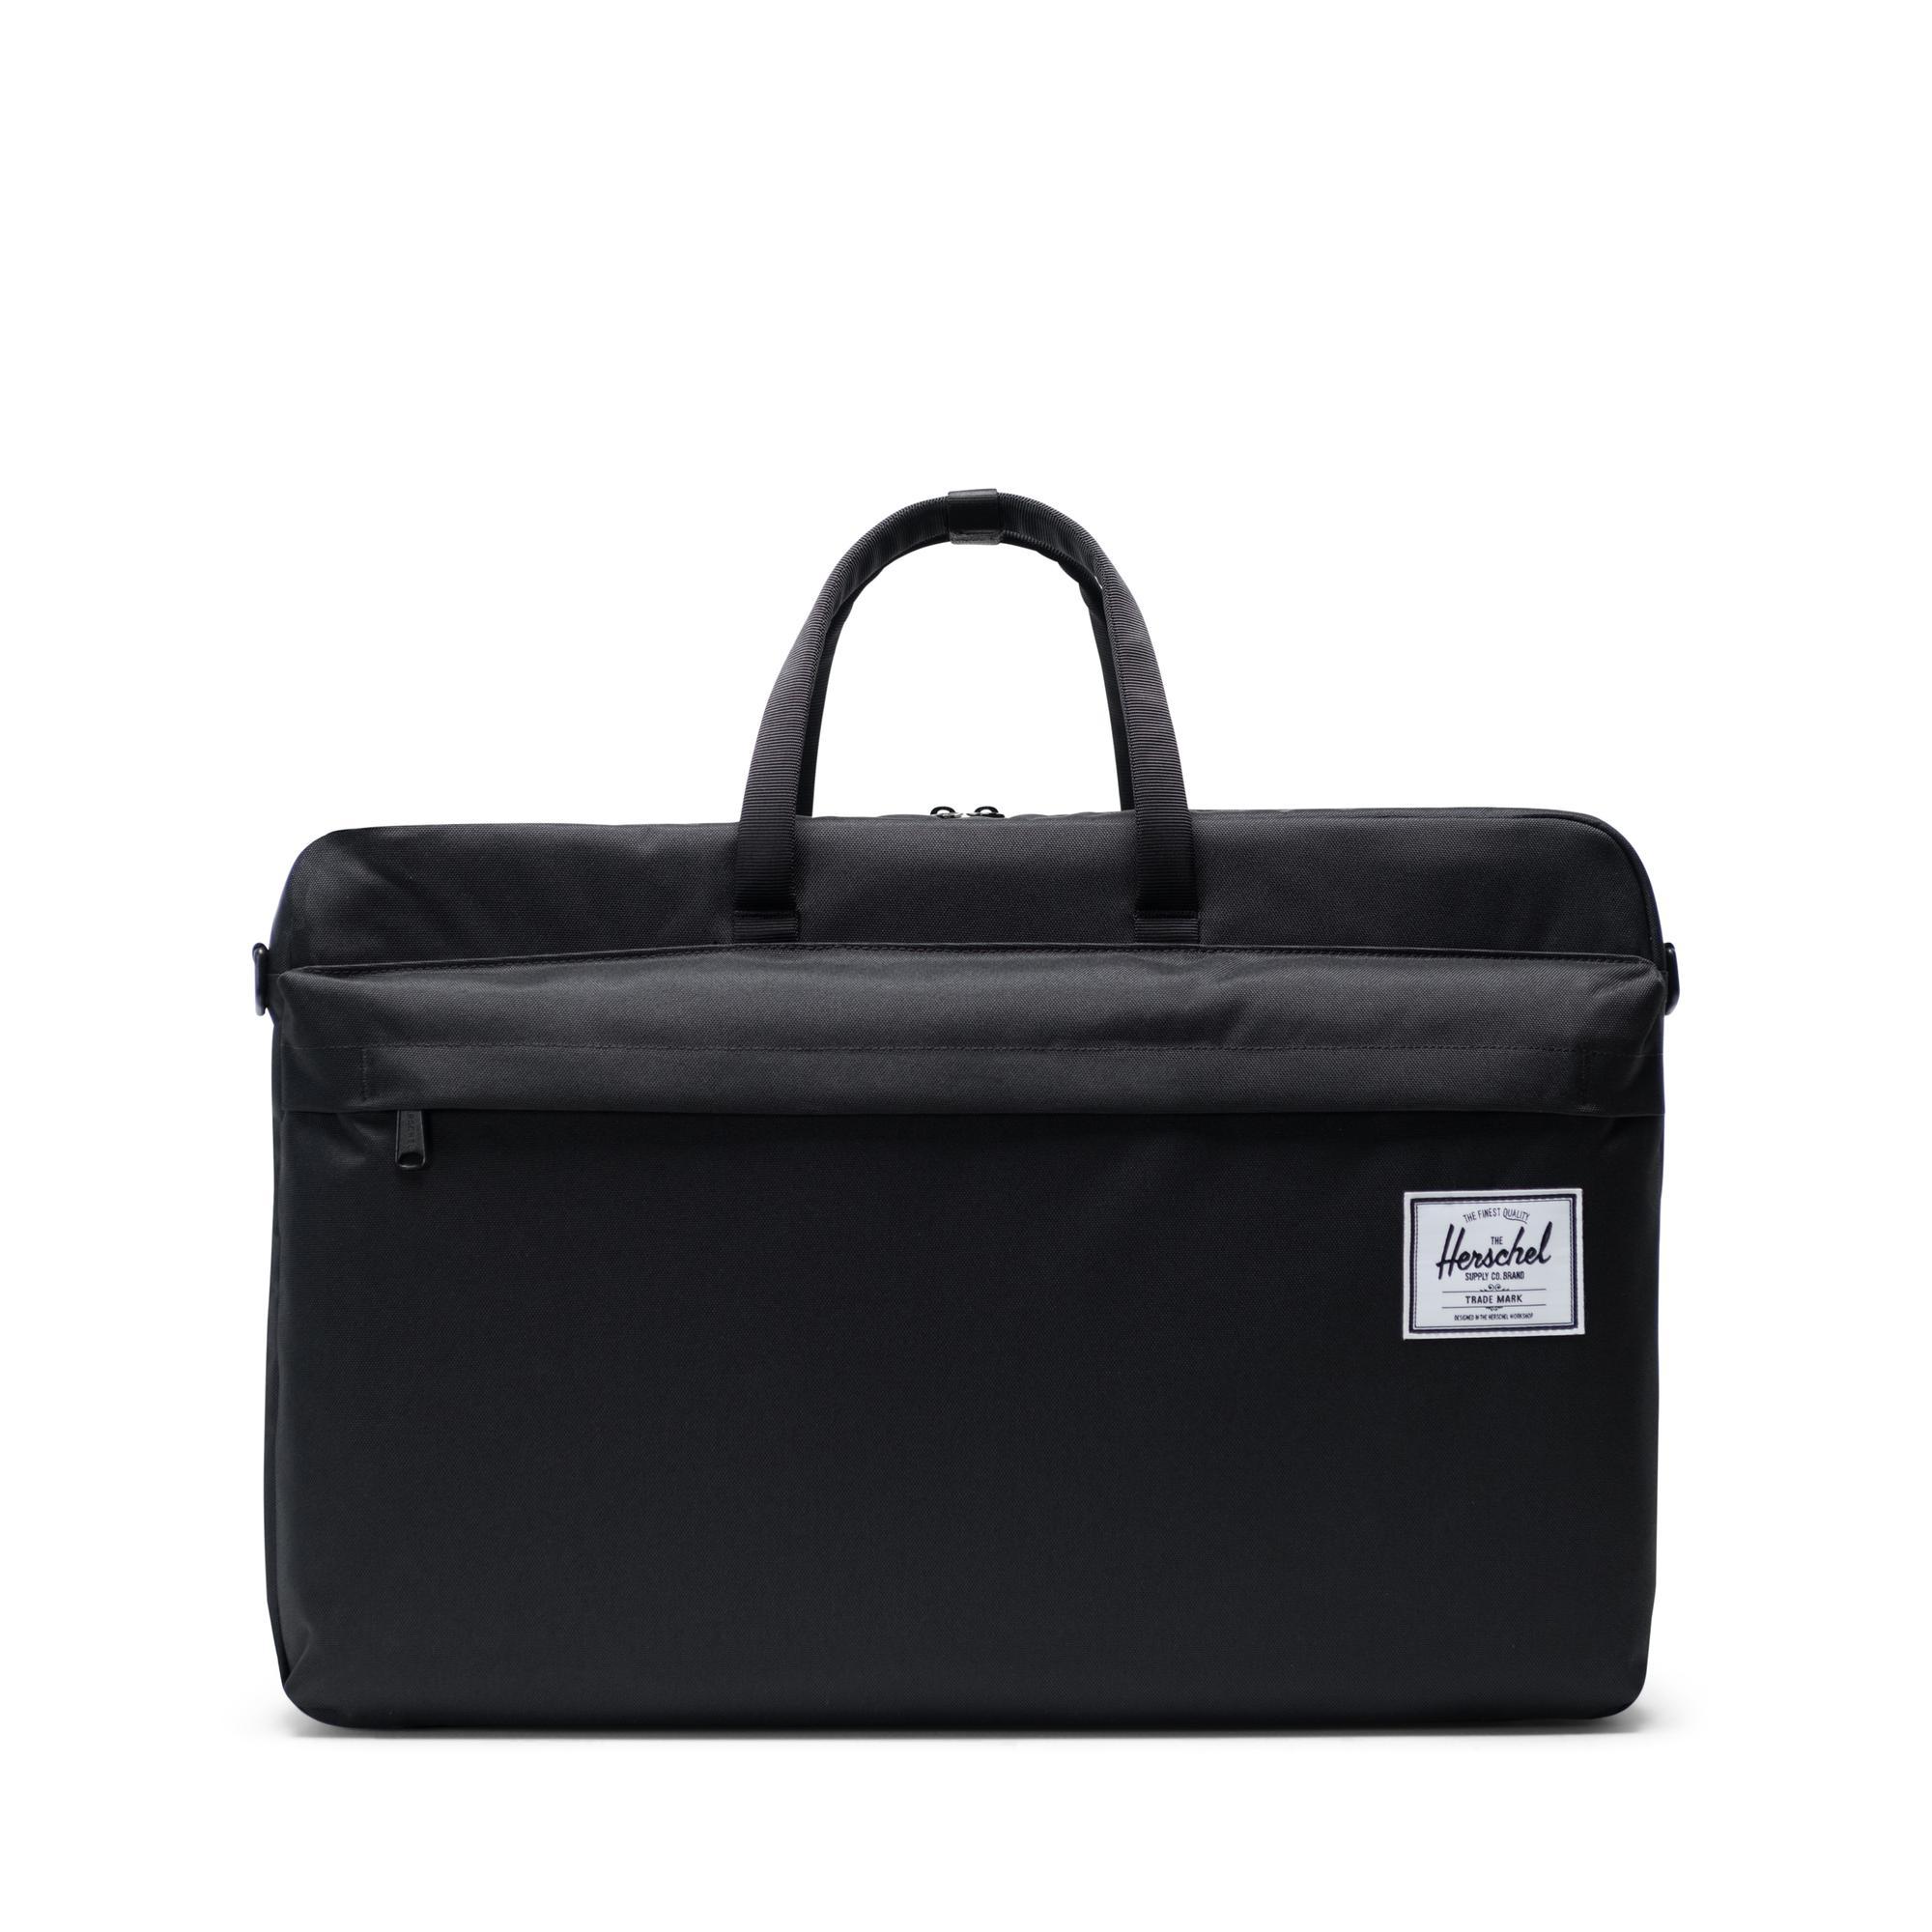 7e9e2ad233 Winslow Garment Bag